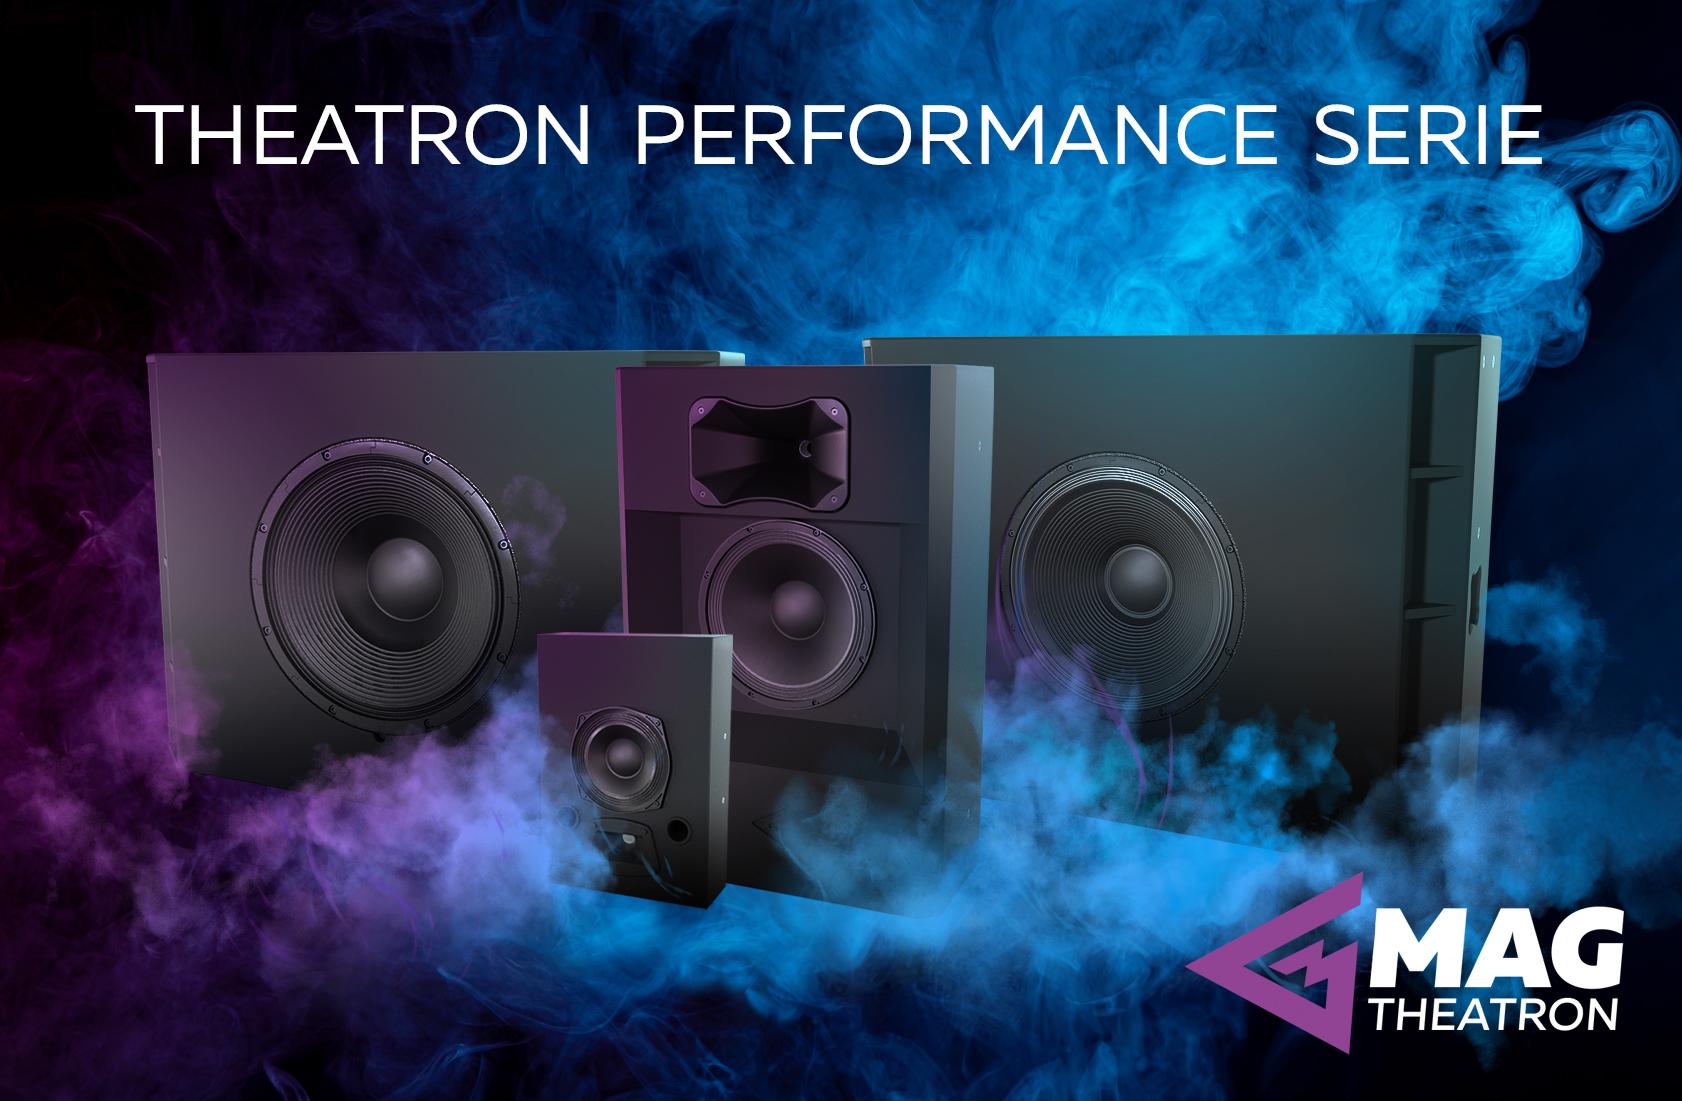 Produktfoto der Theatron Performance Serie